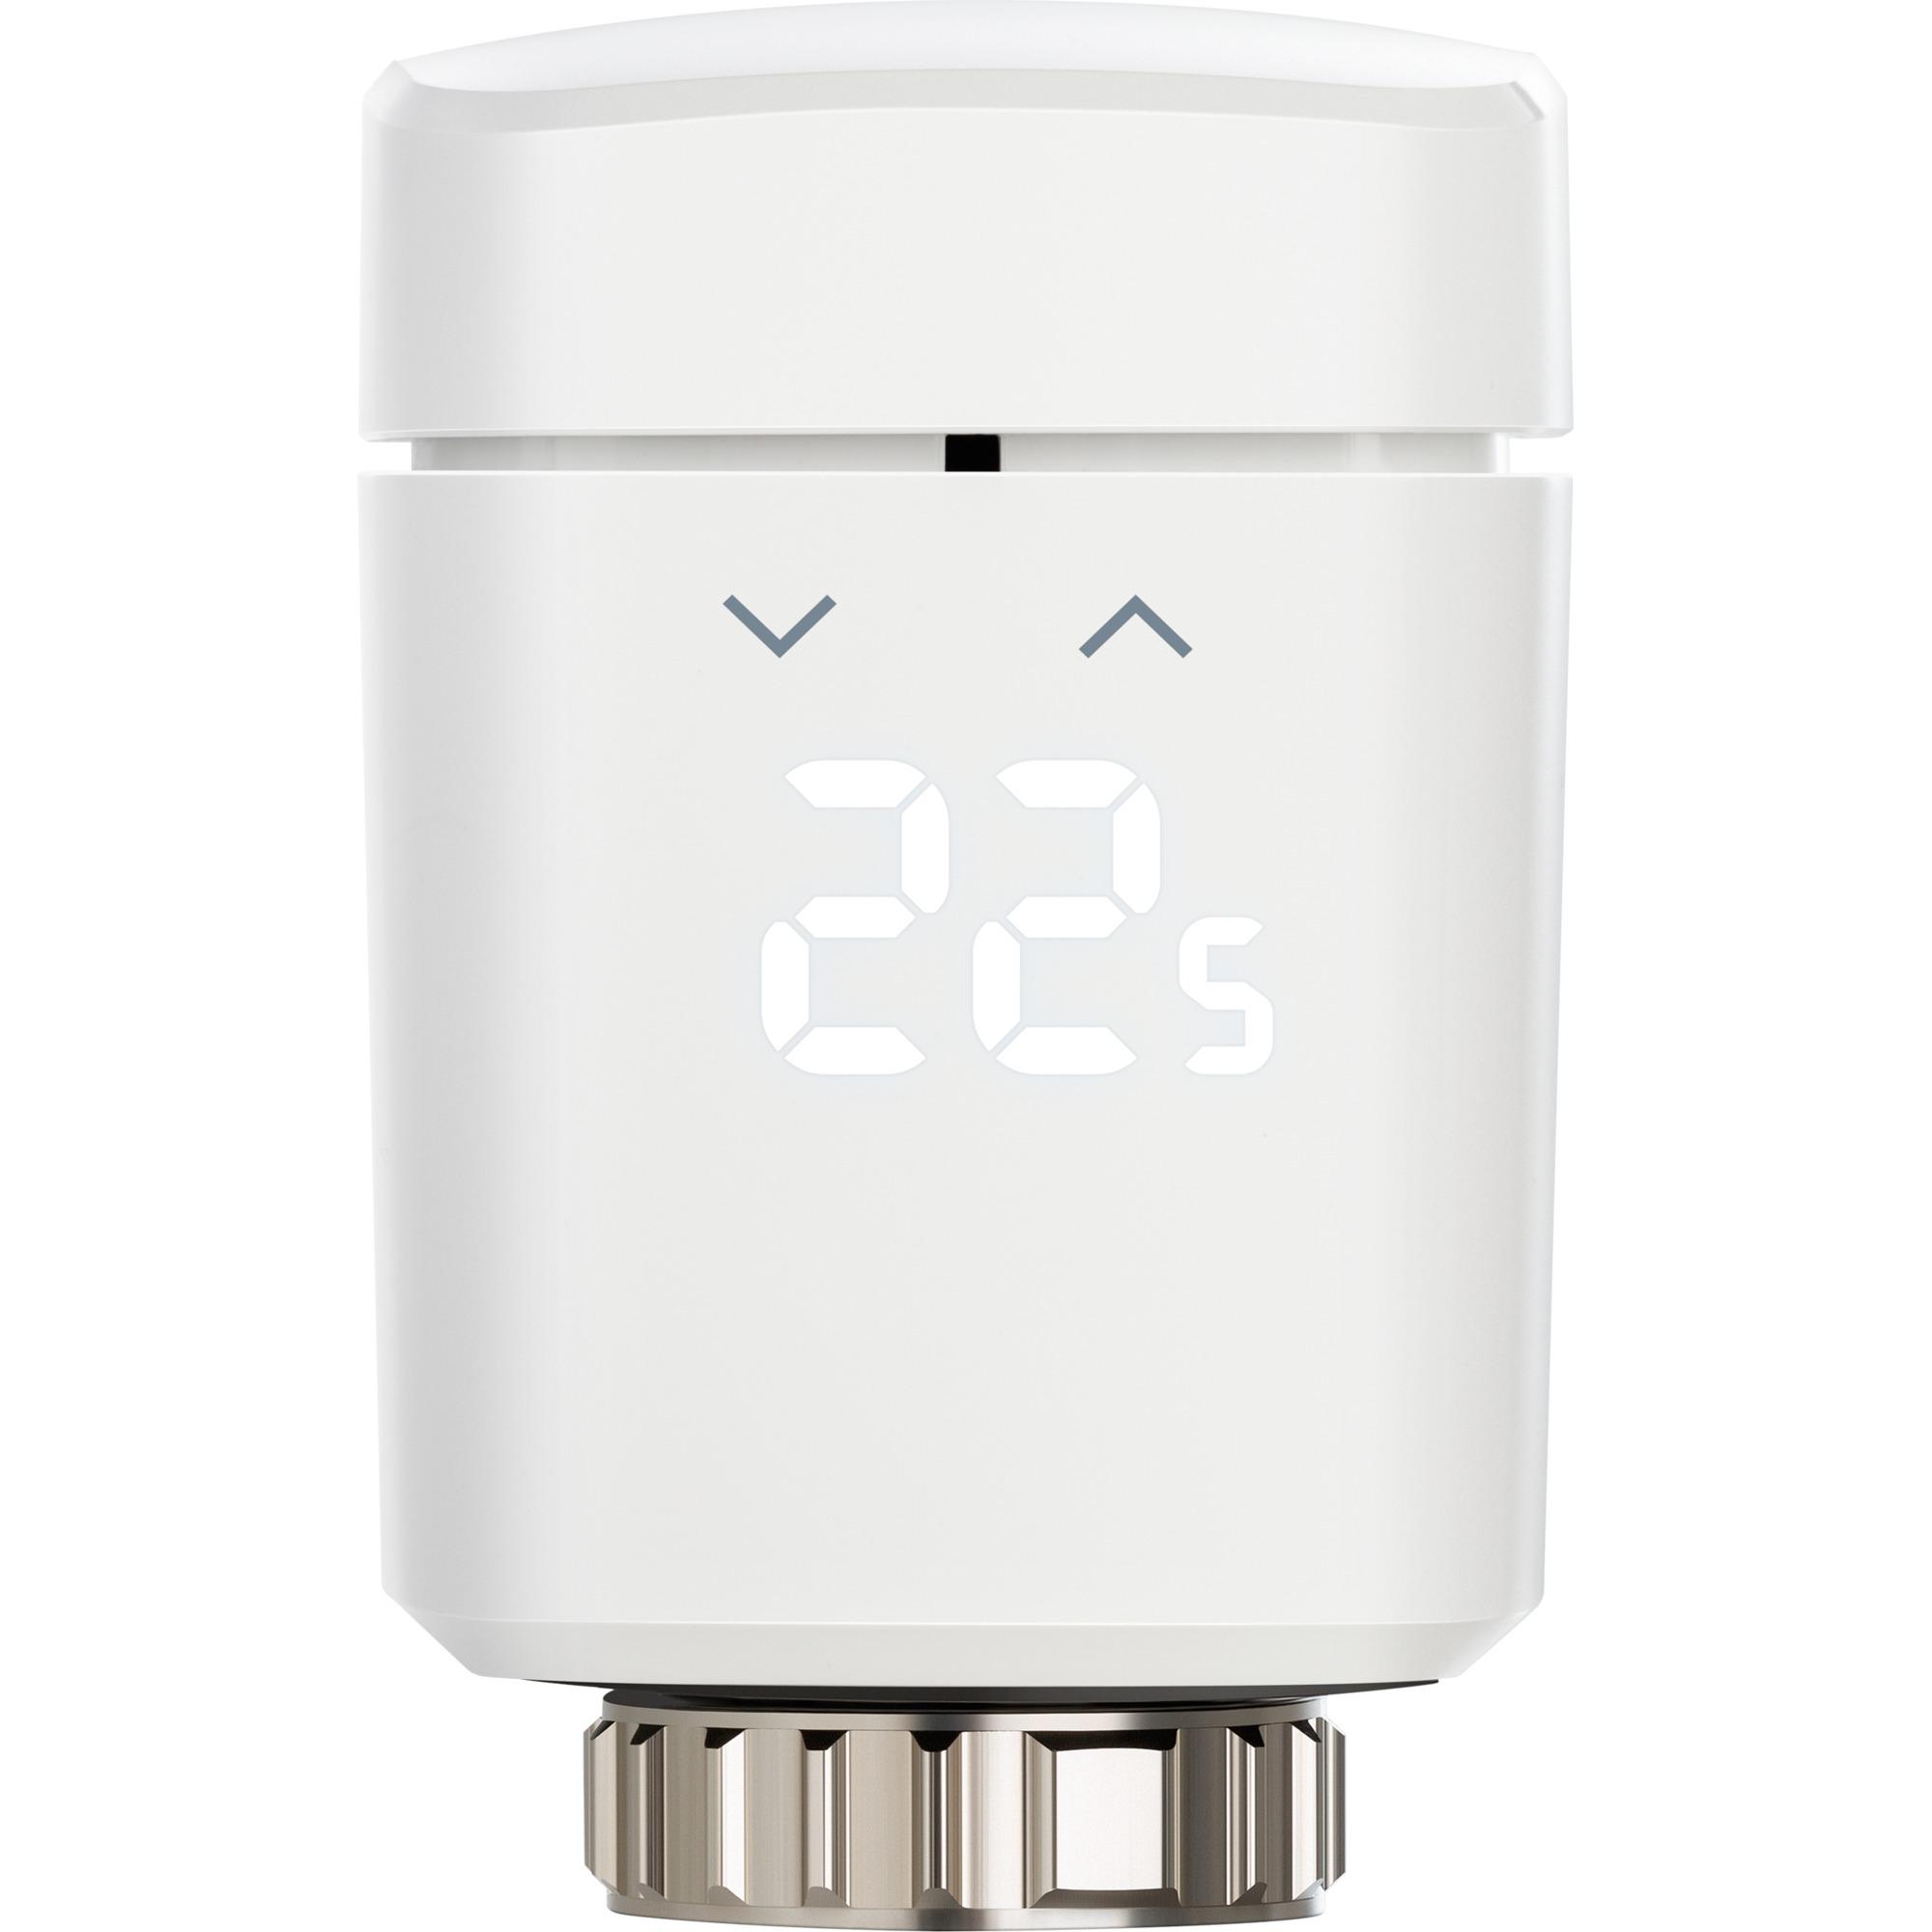 Eve Thermo termoestato Bluetooth Blanco, Termostato de la calefacción